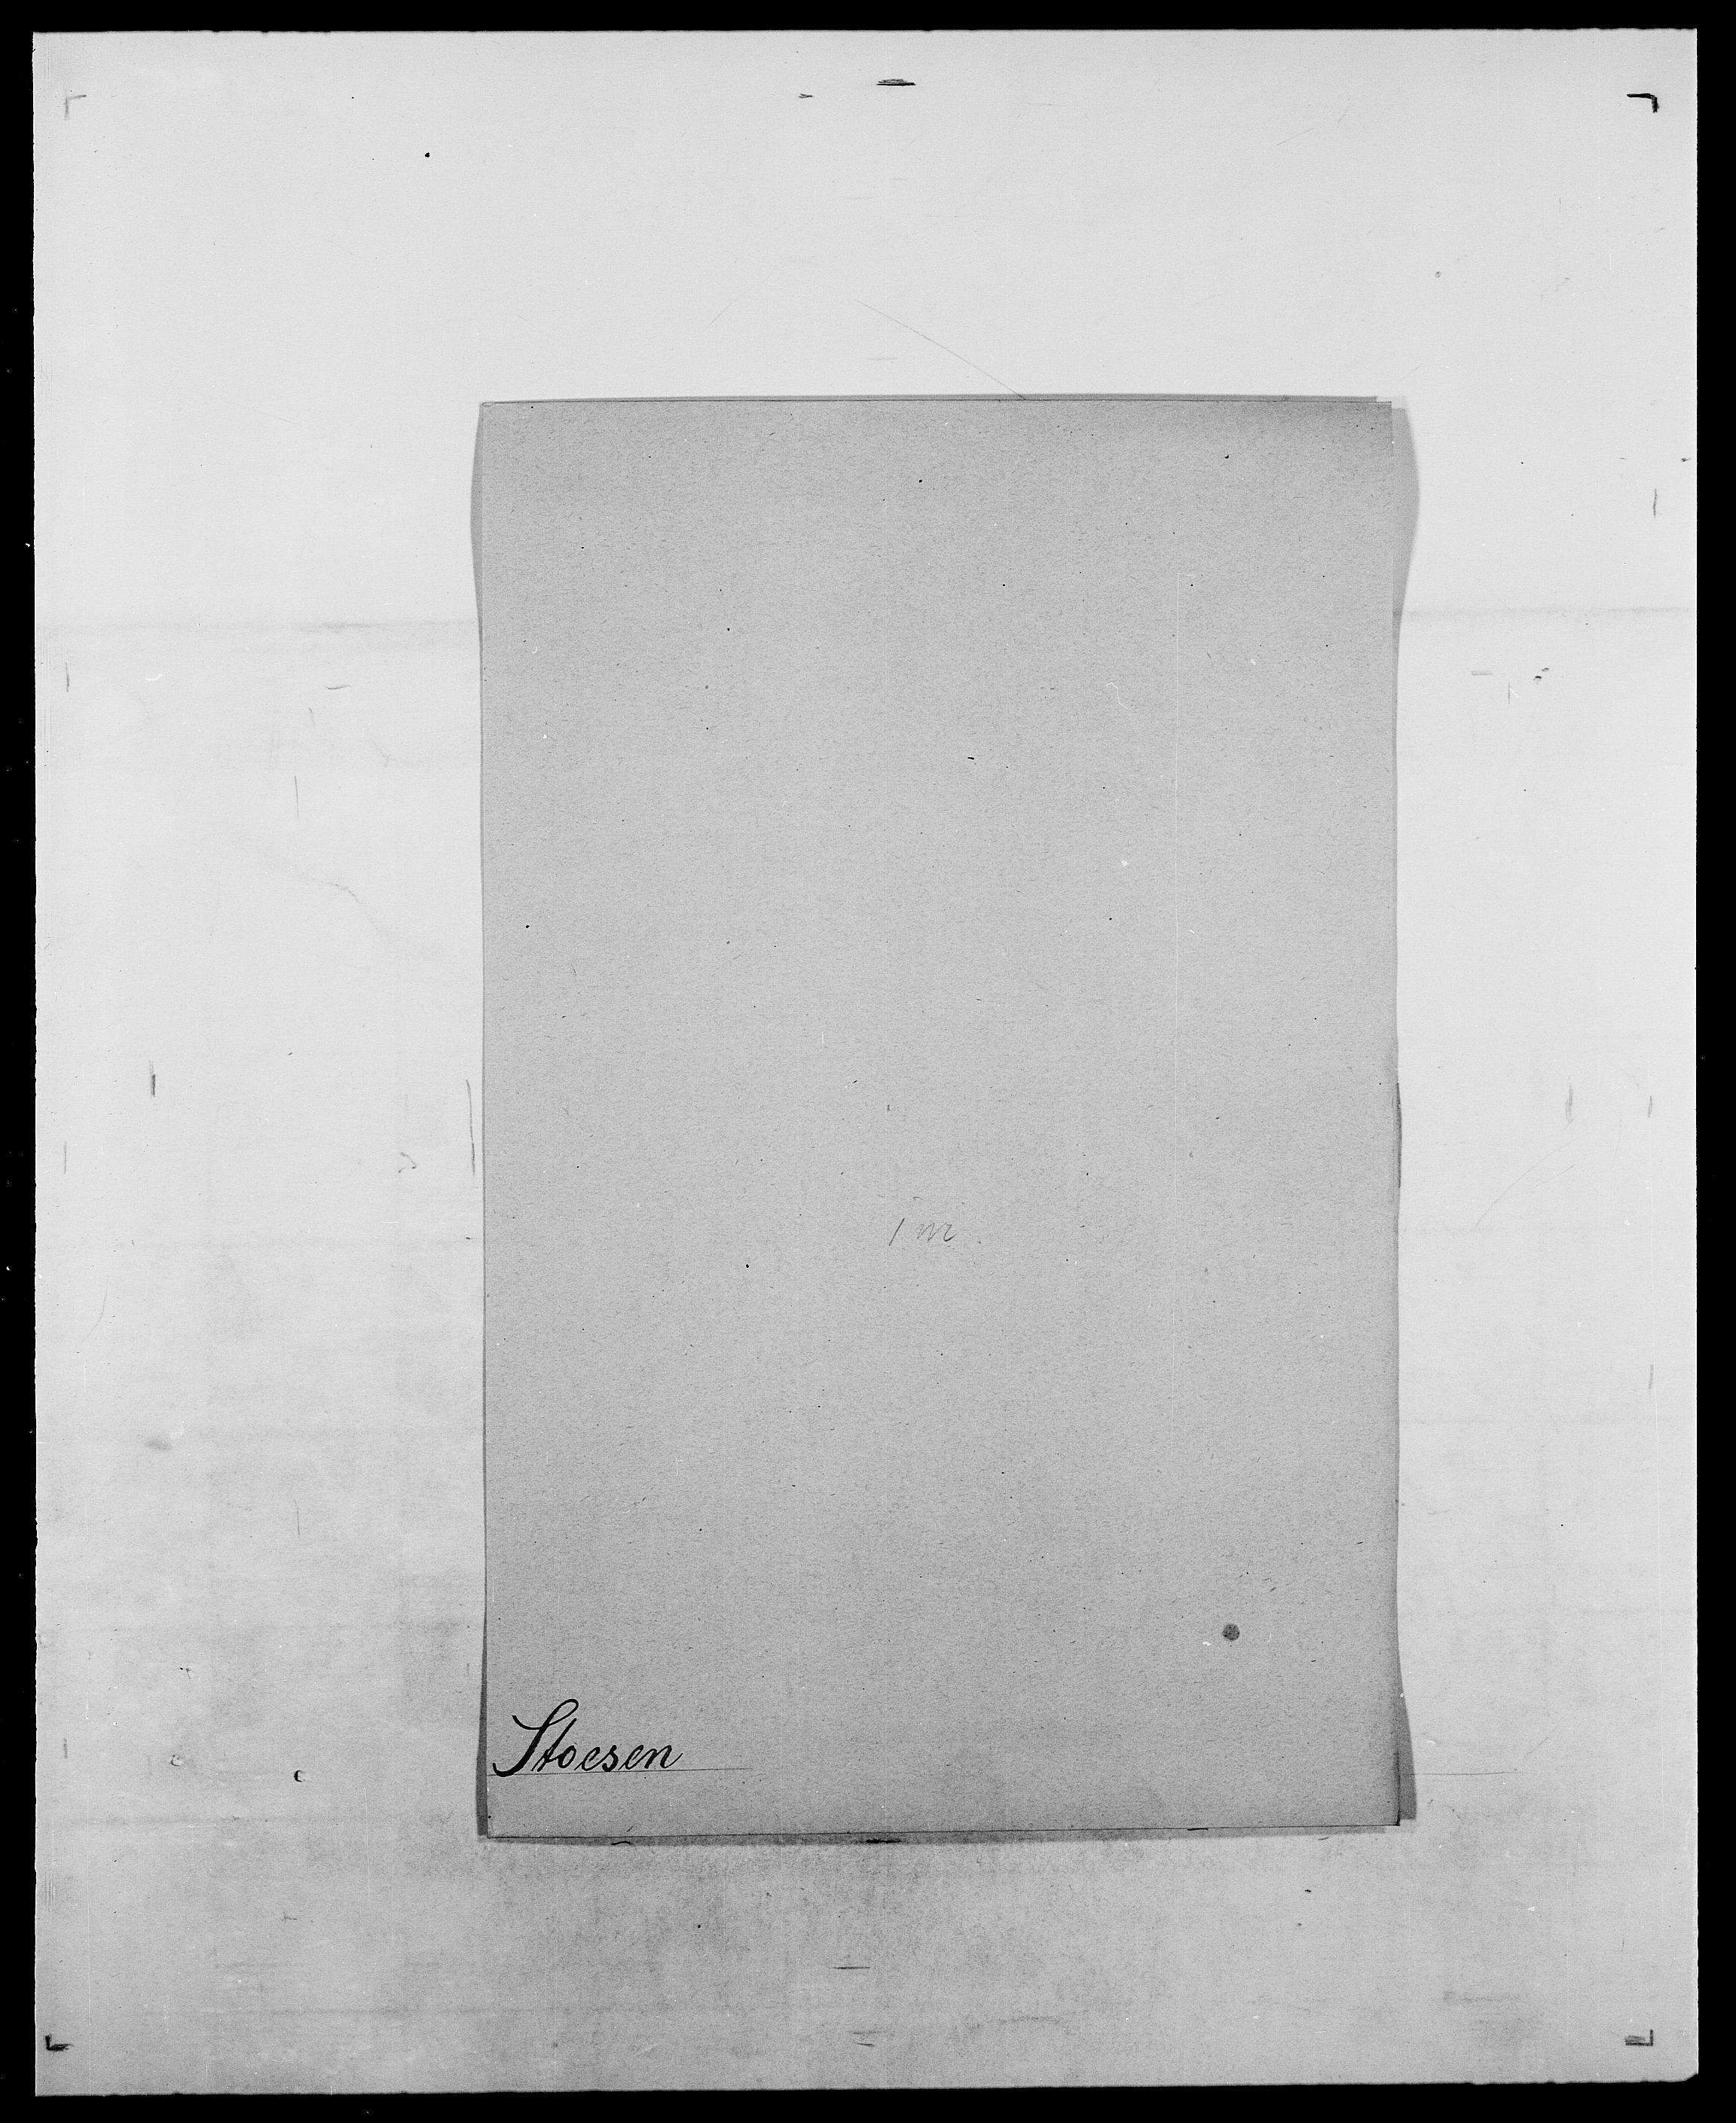 SAO, Delgobe, Charles Antoine - samling, D/Da/L0037: Steen, Sthen, Stein - Svare, Svanige, Svanne, se også Svanning og Schwane, s. 430